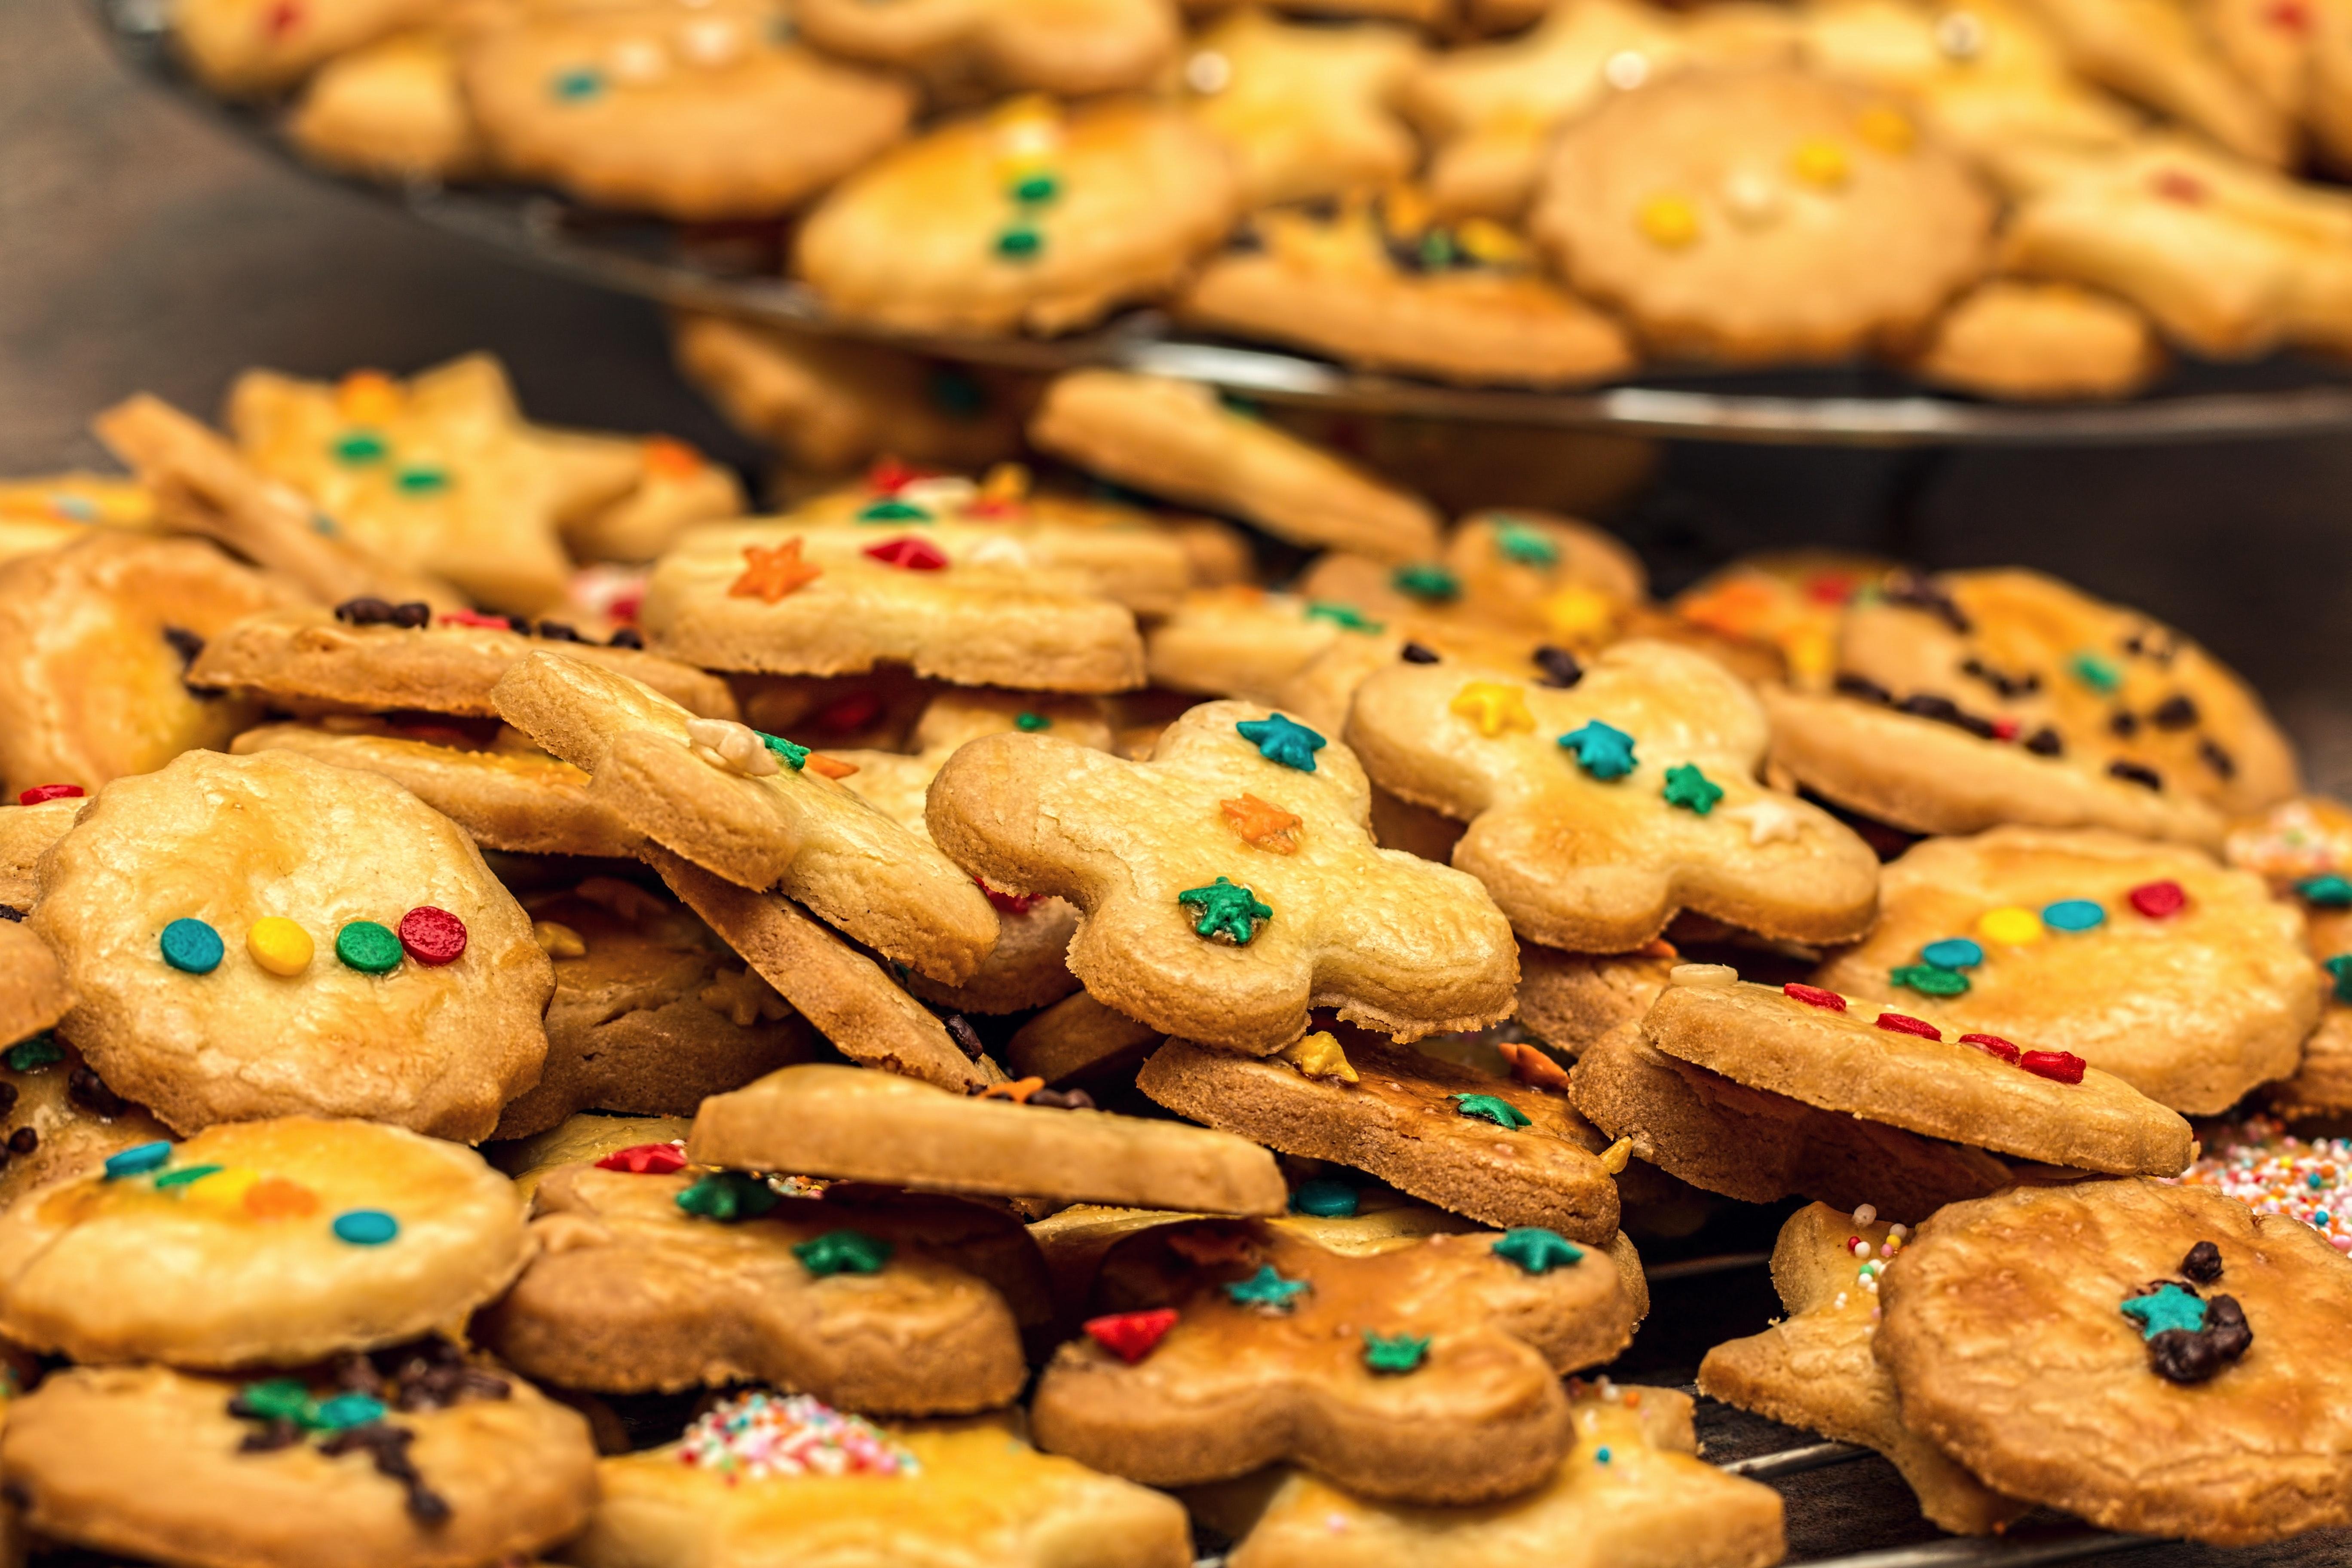 biscuits-cookies-dessert-33330.jpg